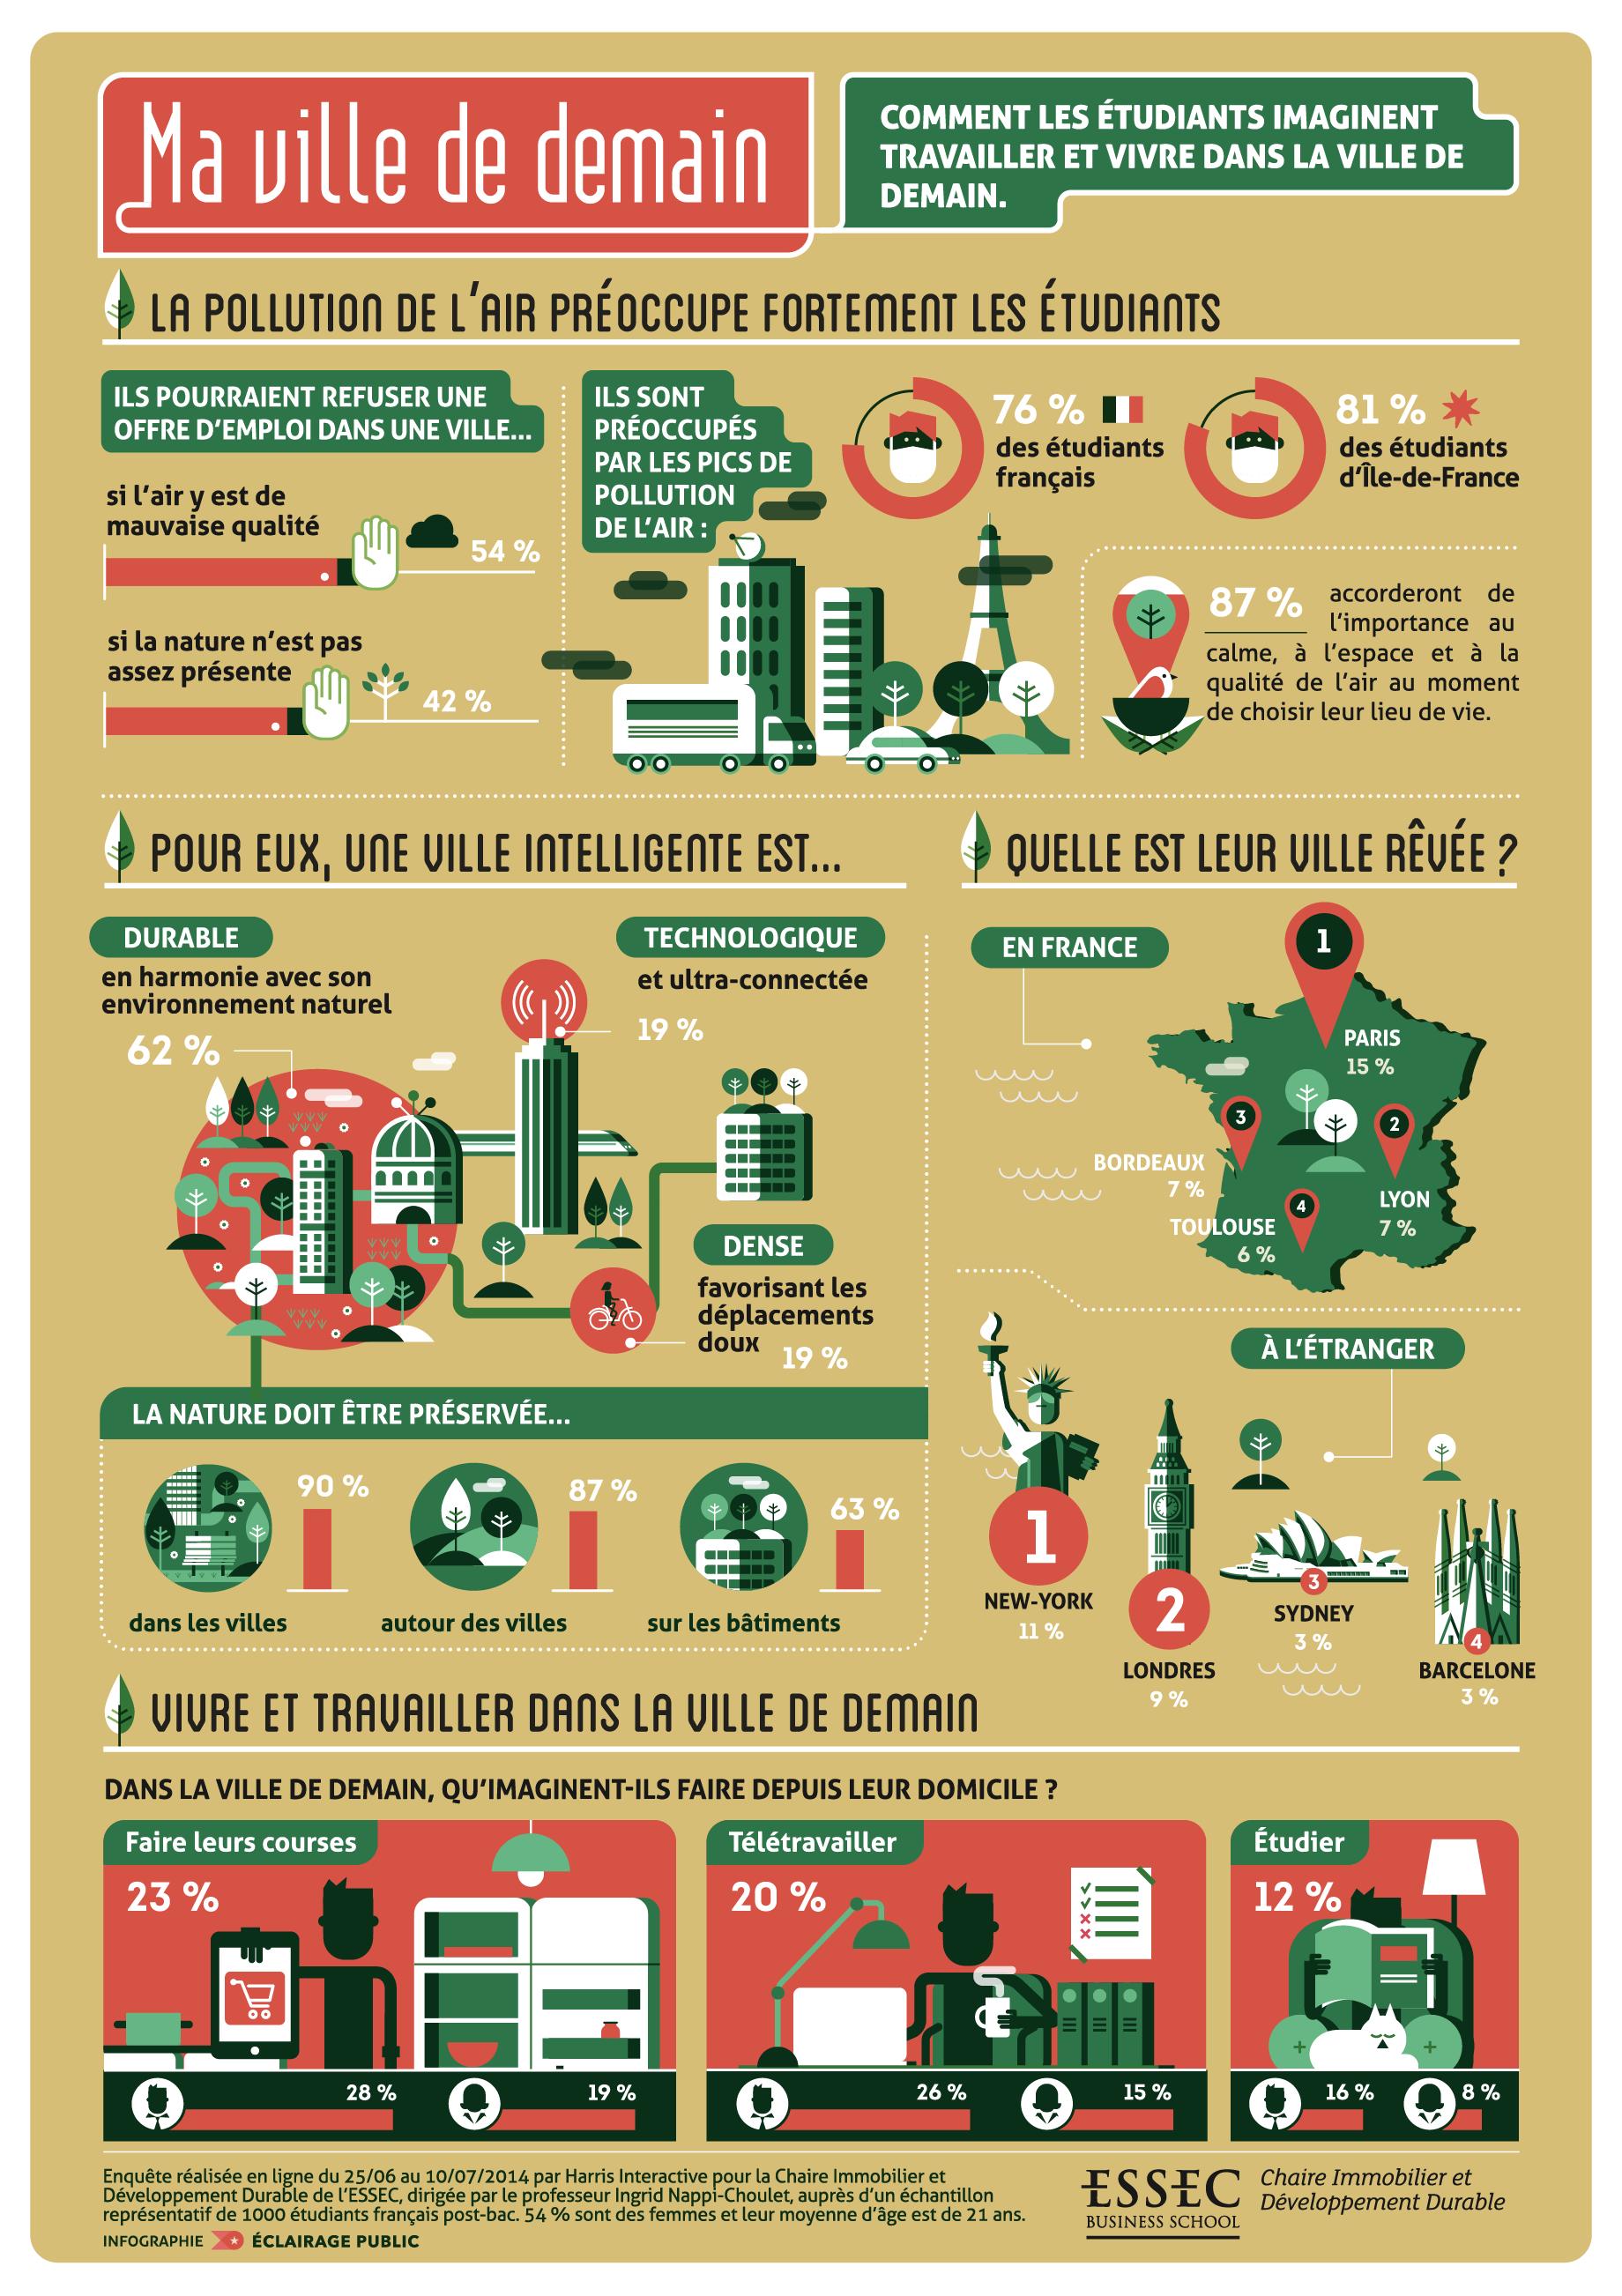 Infographie La Ville De Demain Vue Par Les étudiants